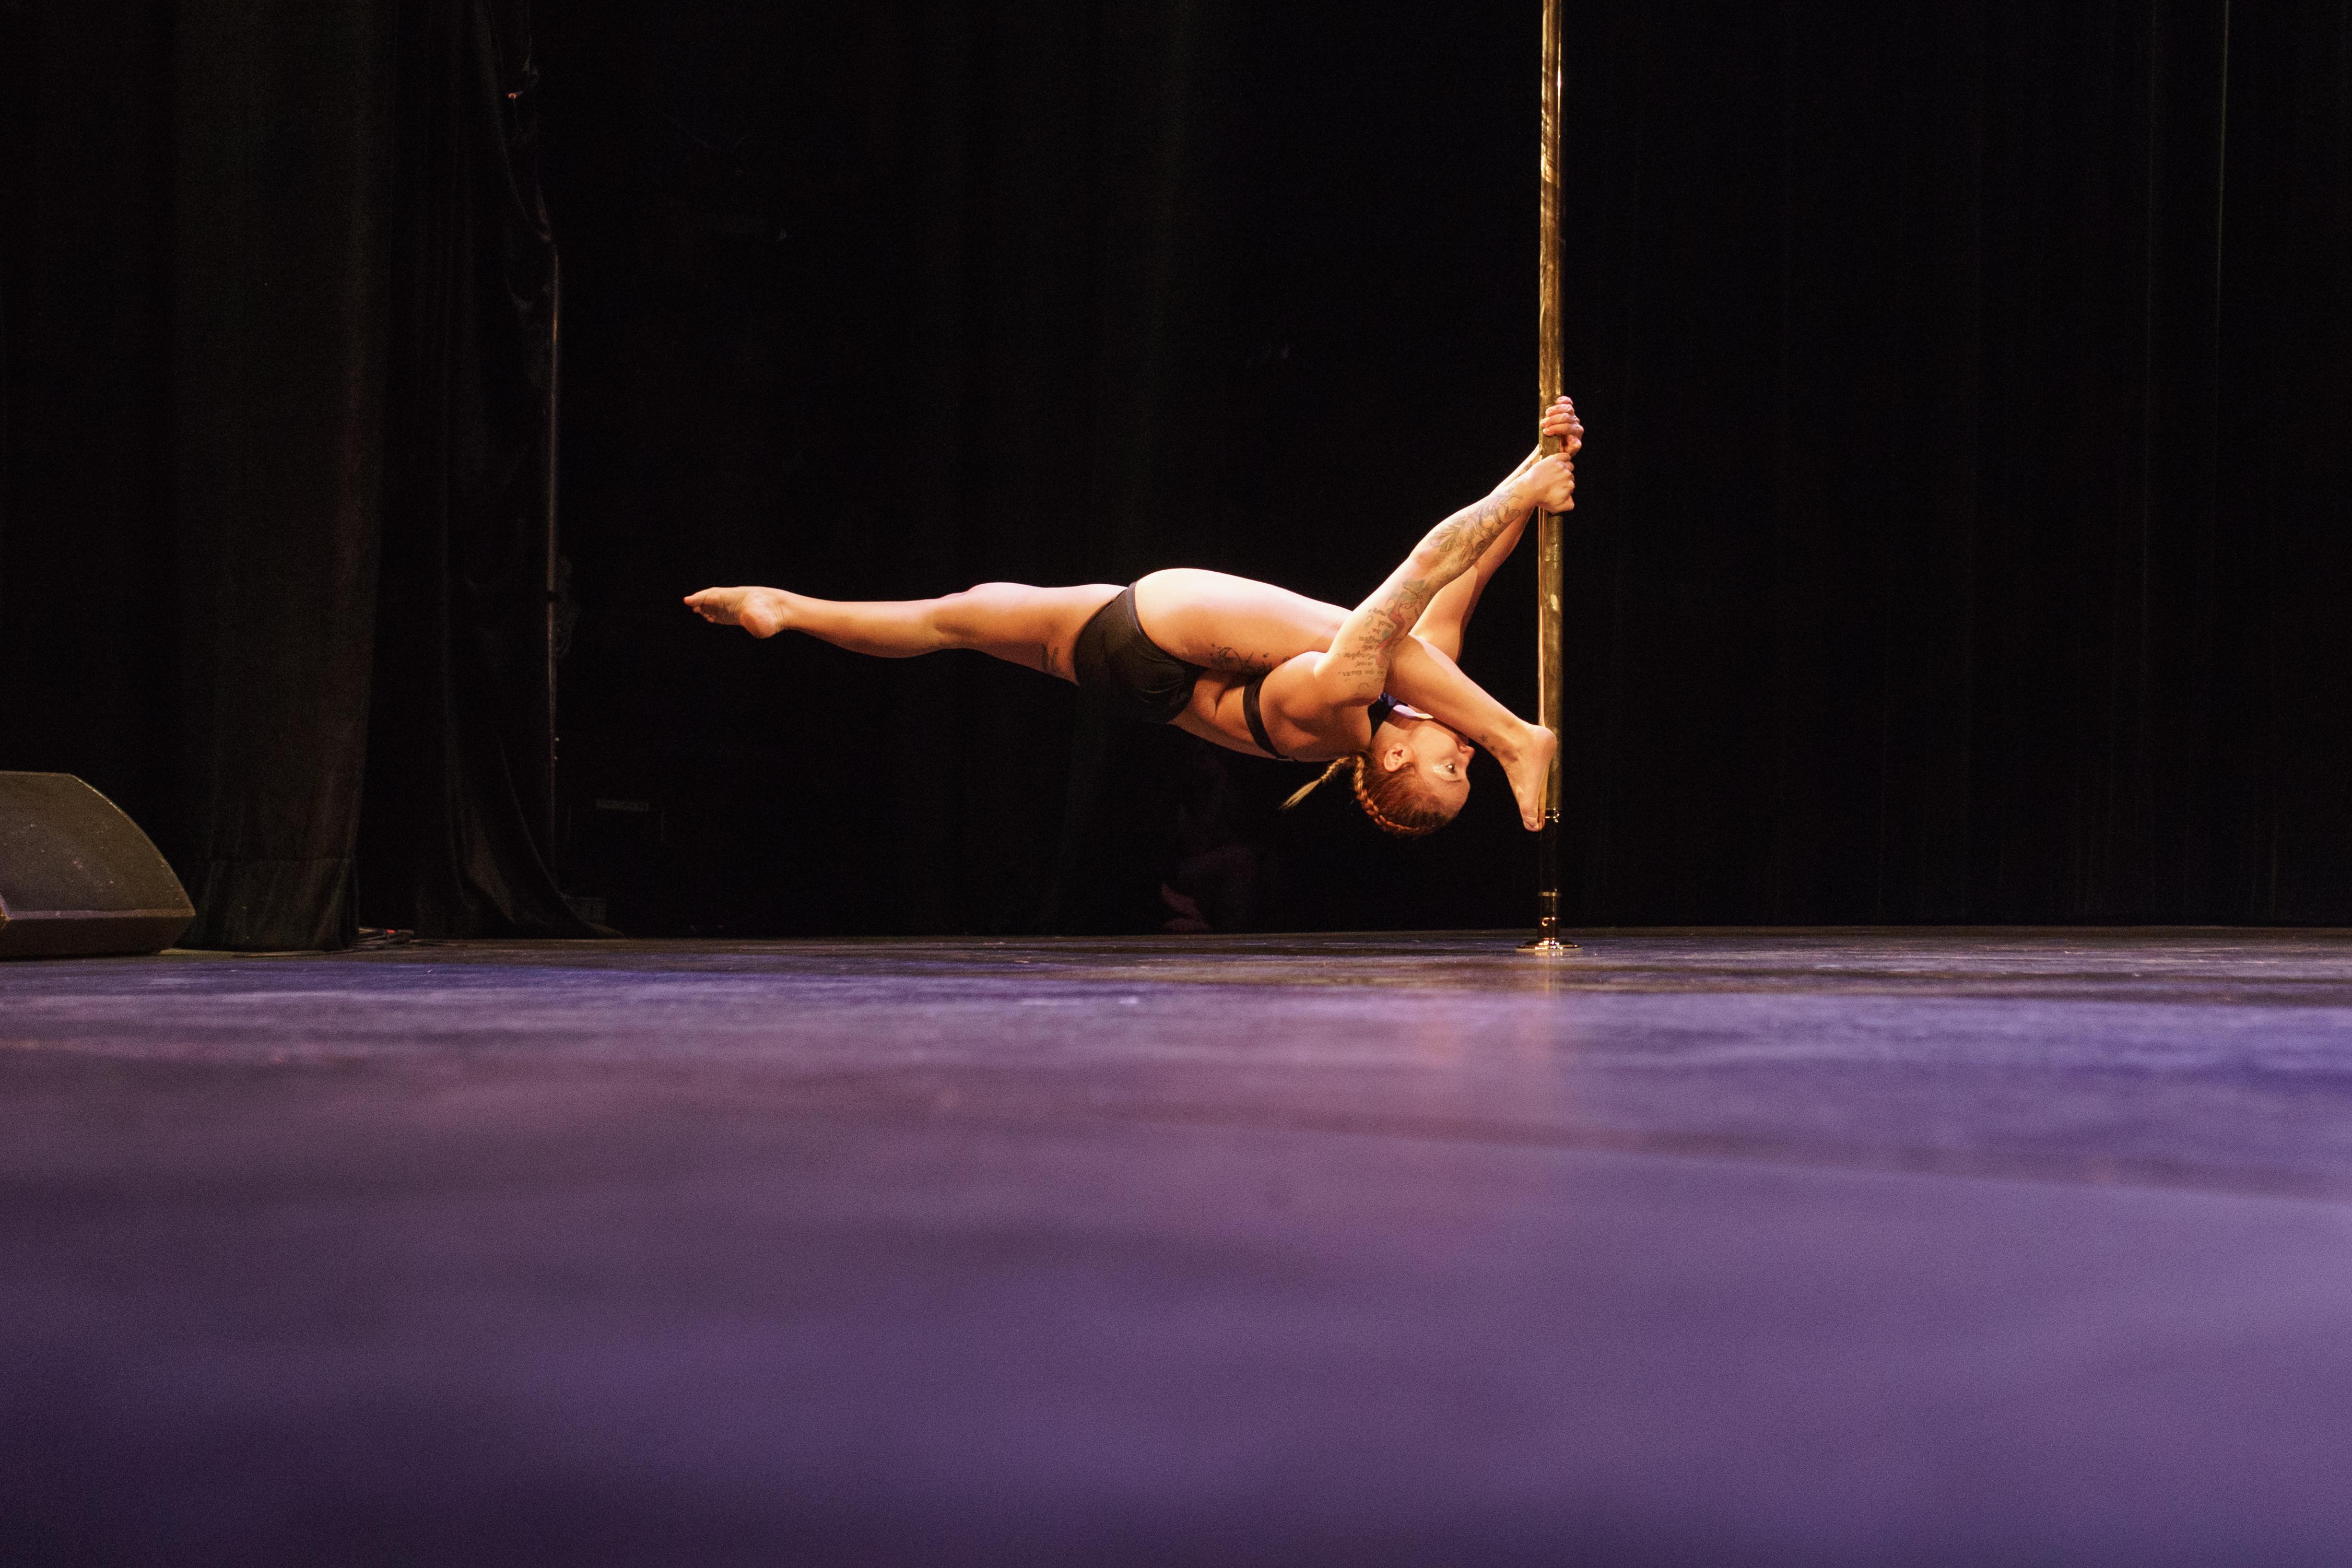 Coralie Père pole sports compétition pole dance 2017 russian split souplesse contorsion show on stage spectacle palais des galces paris